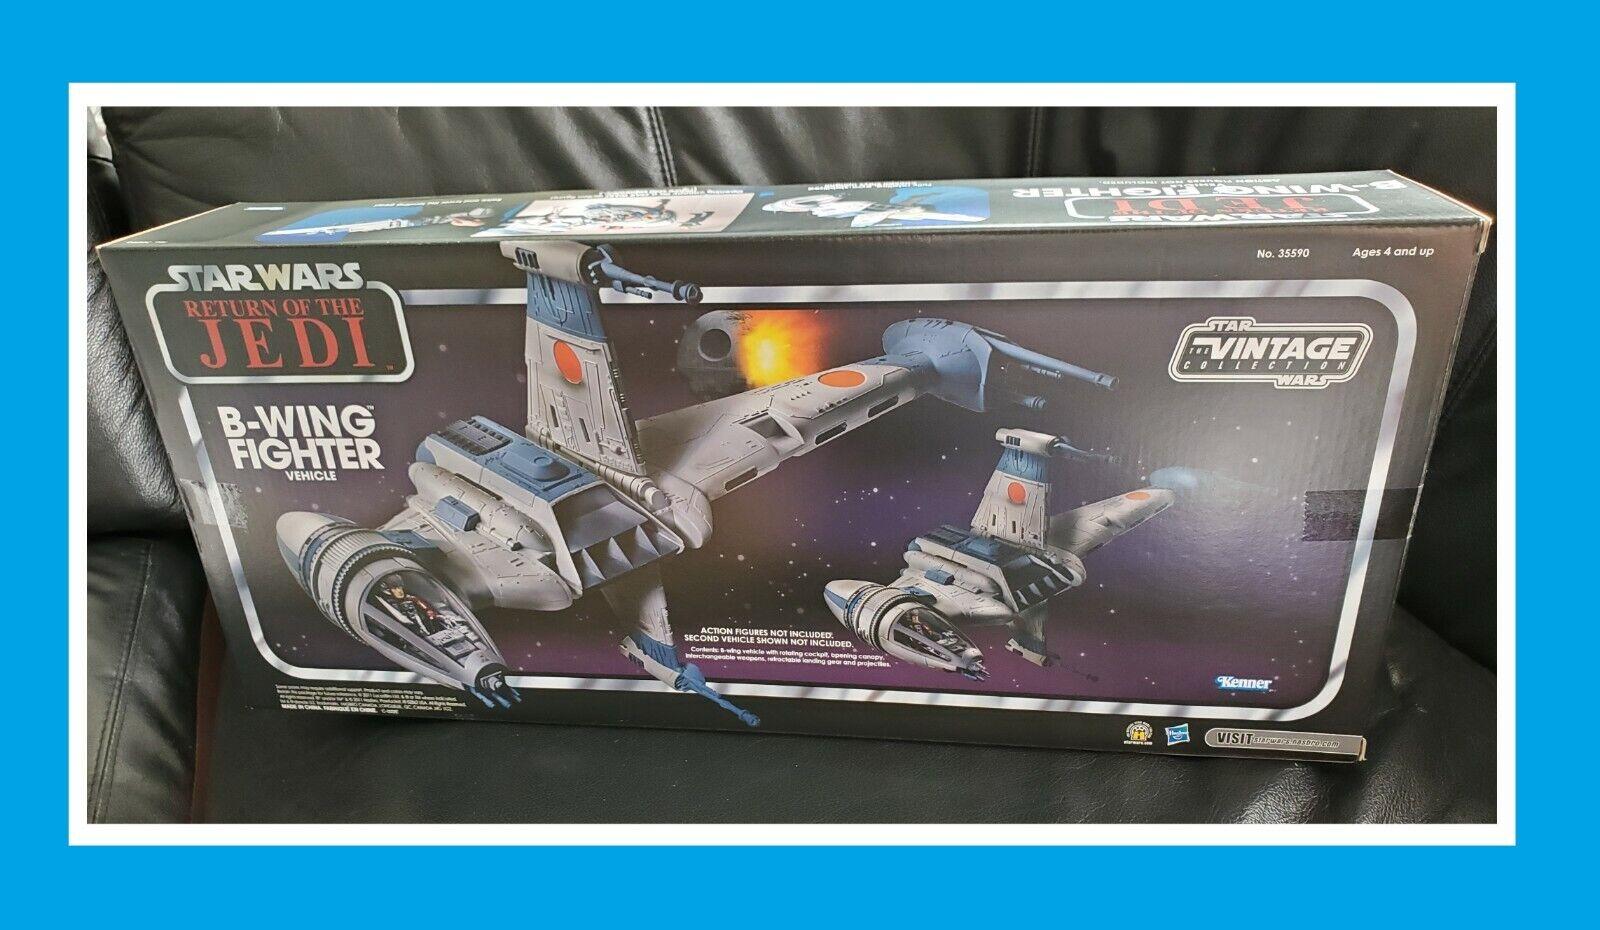 HASBRO Regreso del Jedi de Estrella Wars de la colección Vintage Kmart B-Wing Fighter